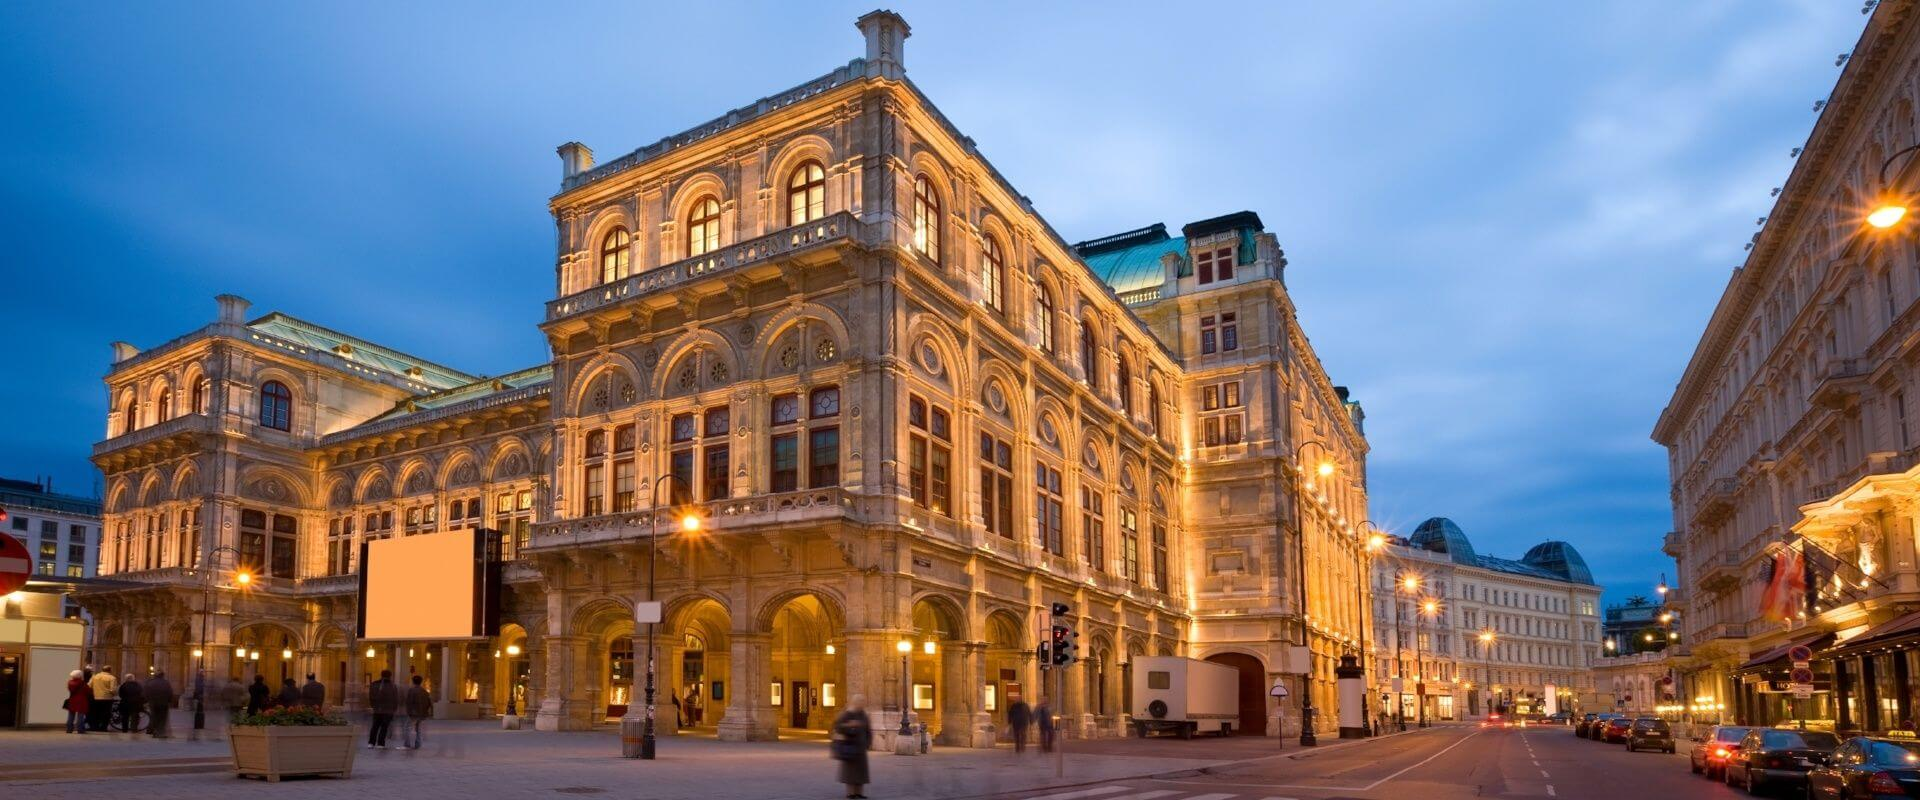 city-portraits-smart-city-vienna.jpg